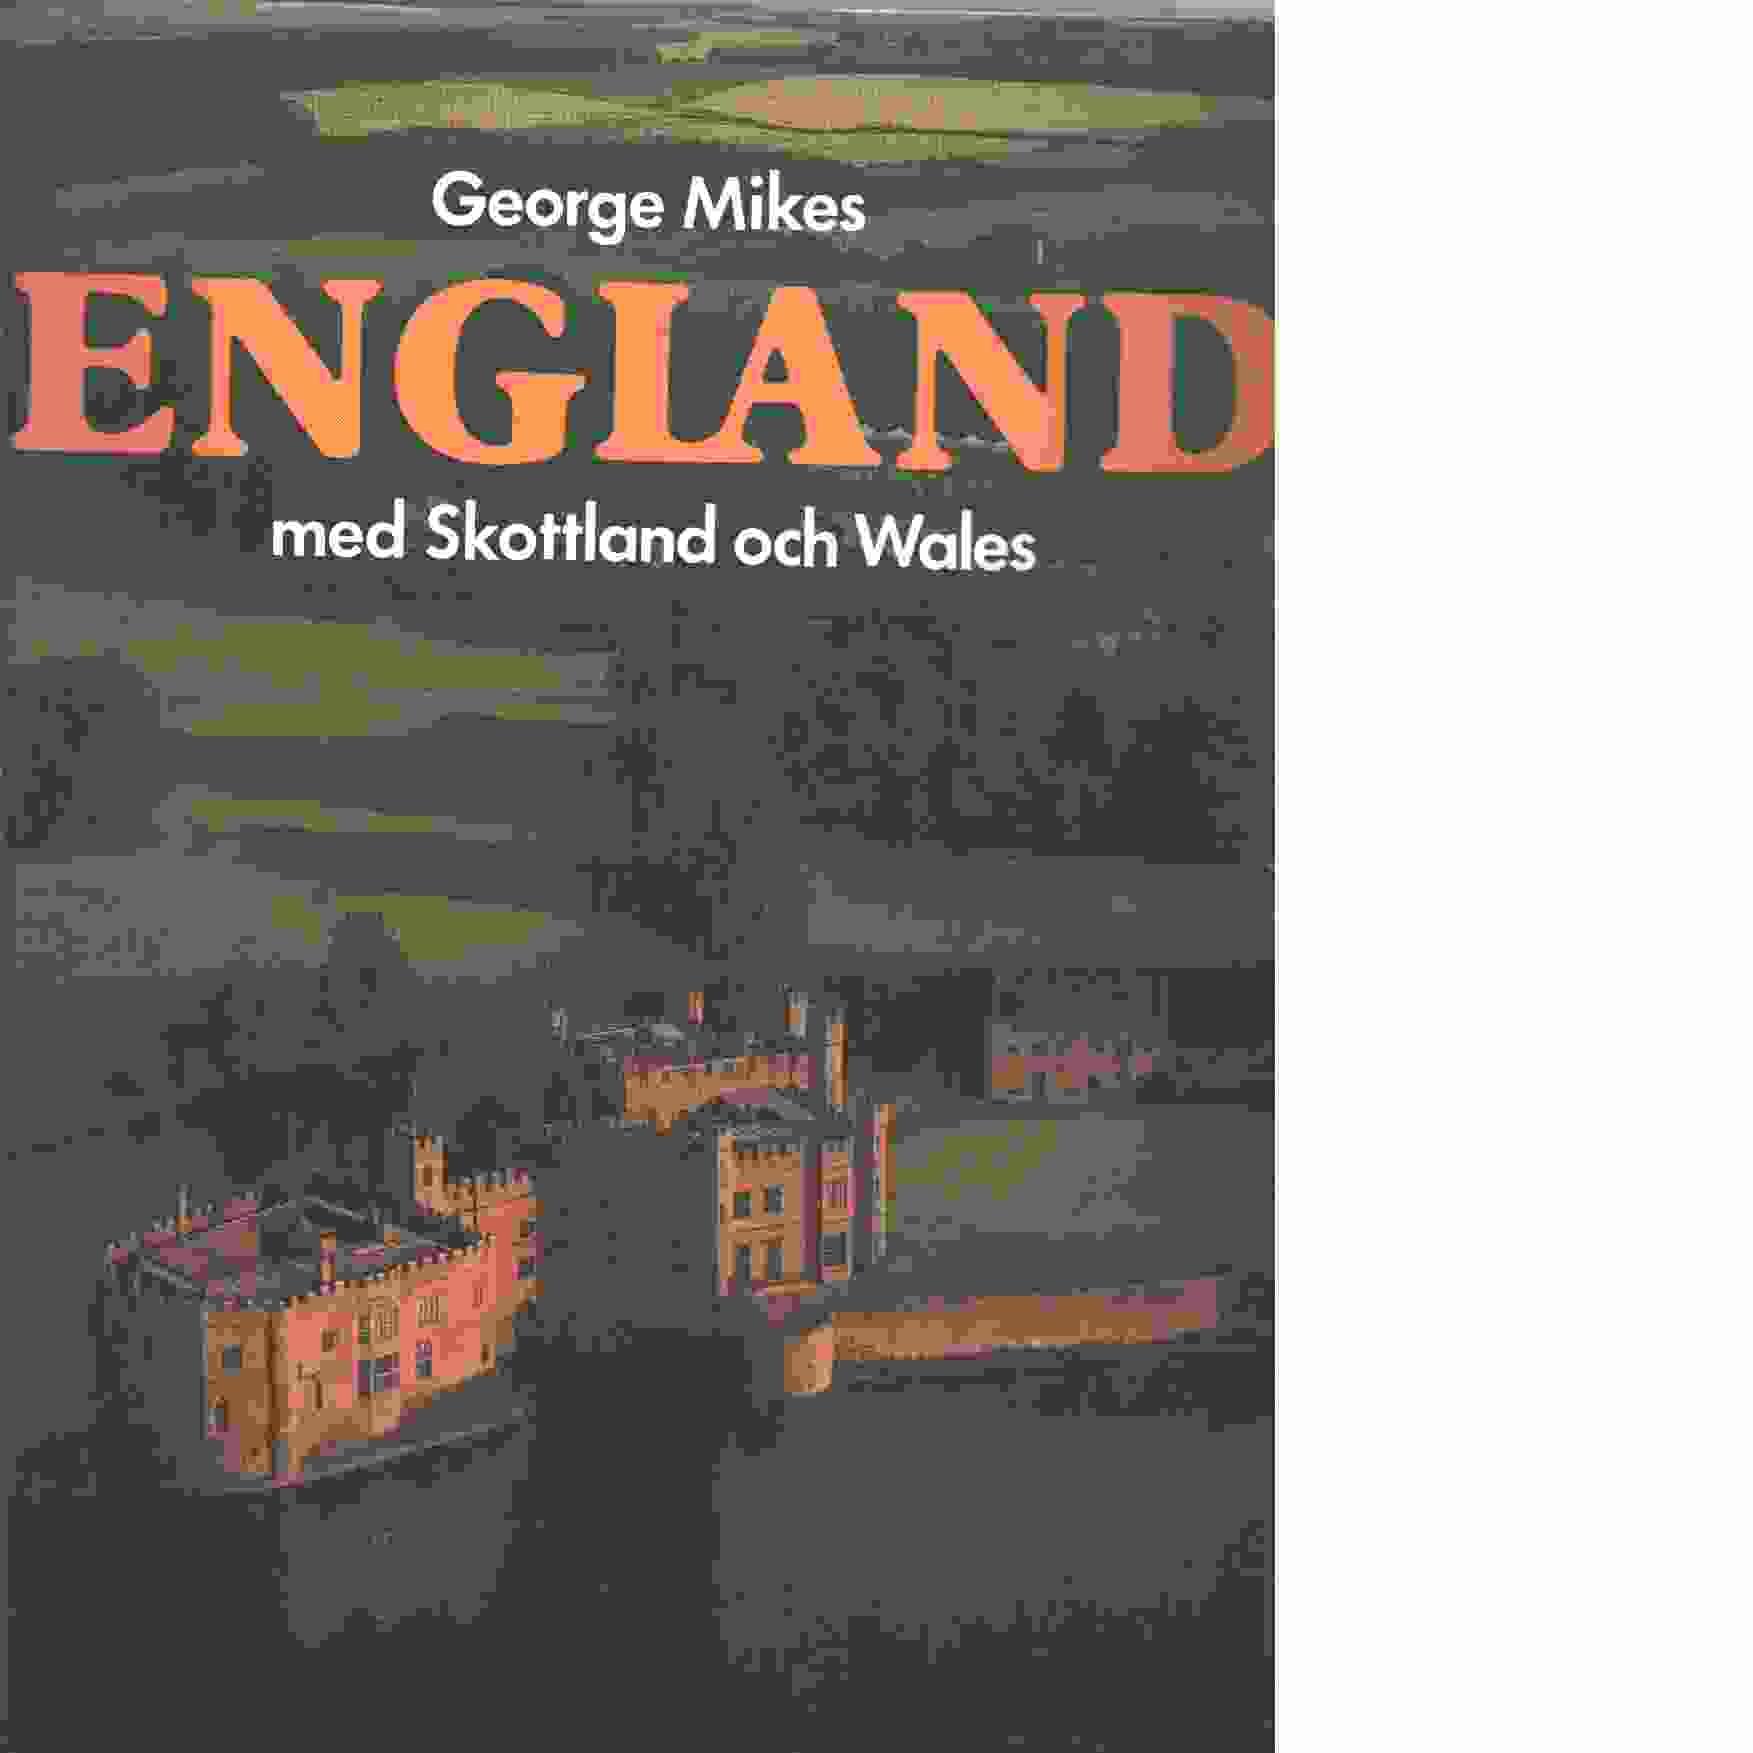 England med Skottland och Wales - Mikes, George